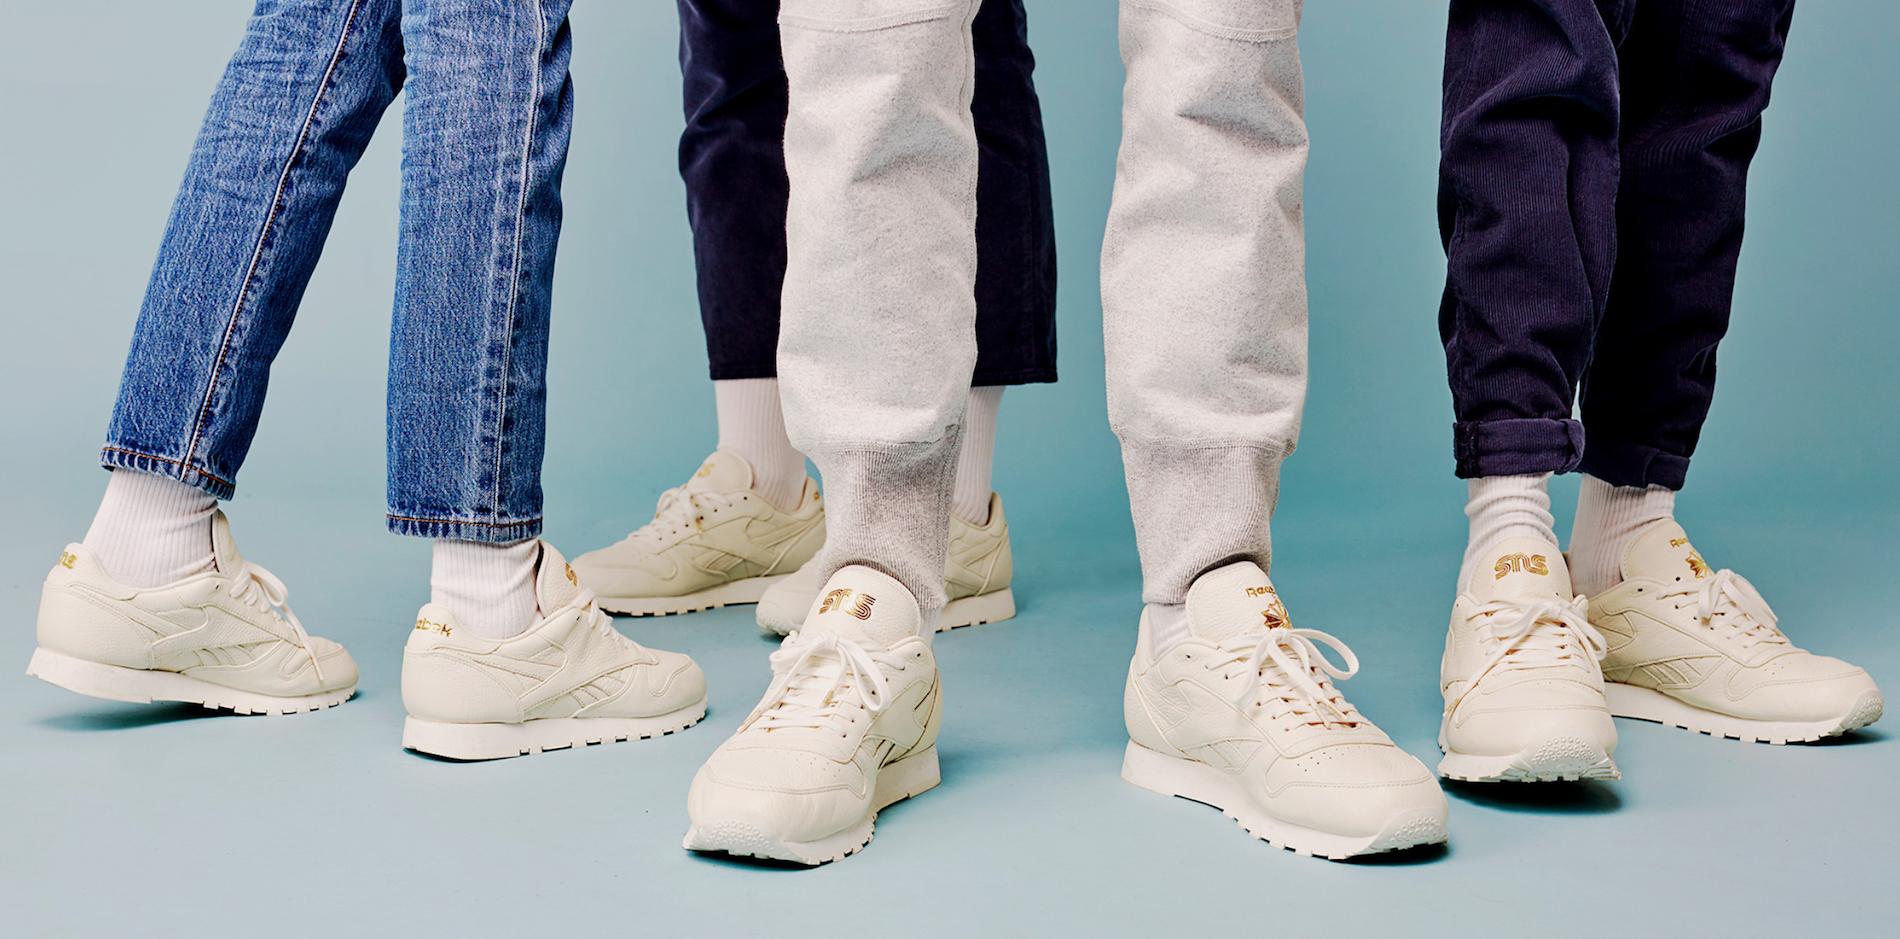 Reebok Sko Klassiske Lær Ren Ultralite Sneakersnstuff Legit ILA9fiP